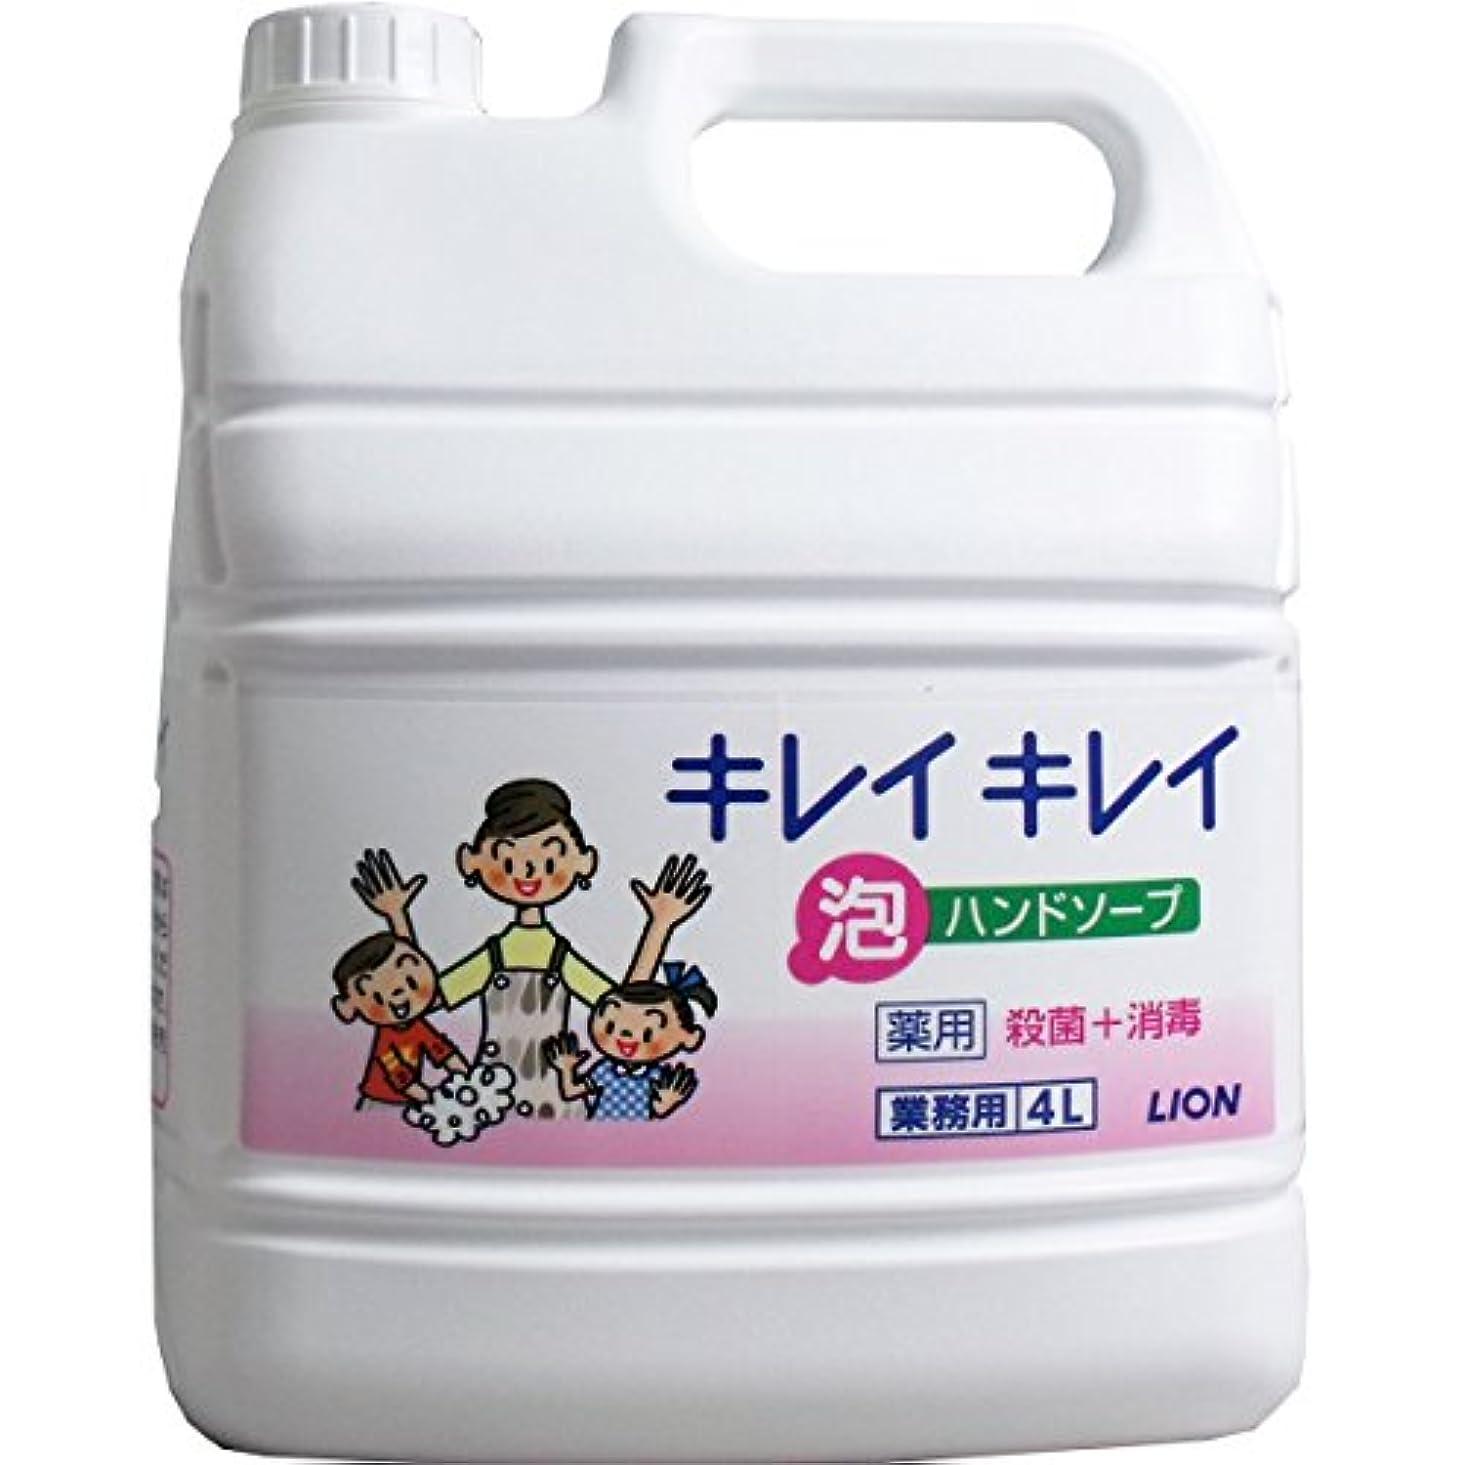 ワイプゴネリルバンドルライオン 業務用 キレイキレイ 薬用 泡ハンドソープ 4LX3本